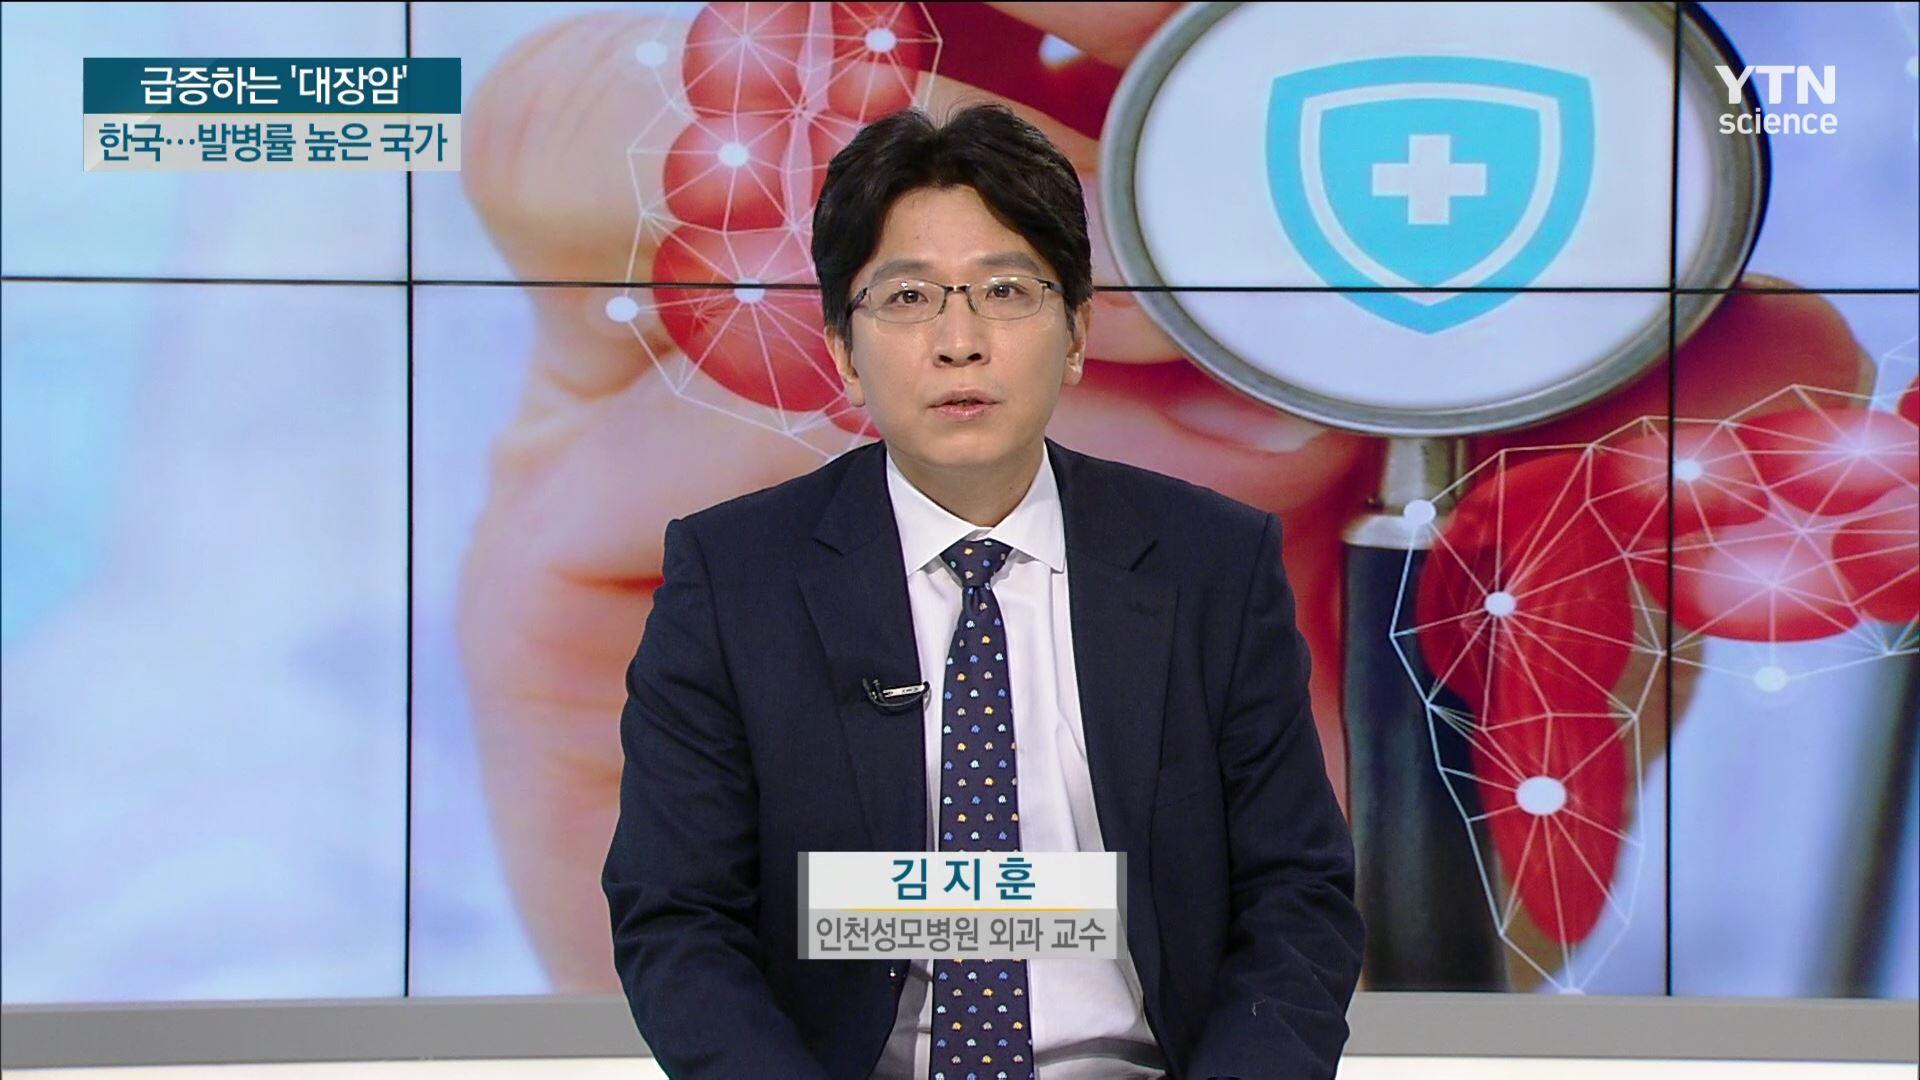 [내몸보고서] 한국인 발병률 세계 2위…'대장암'